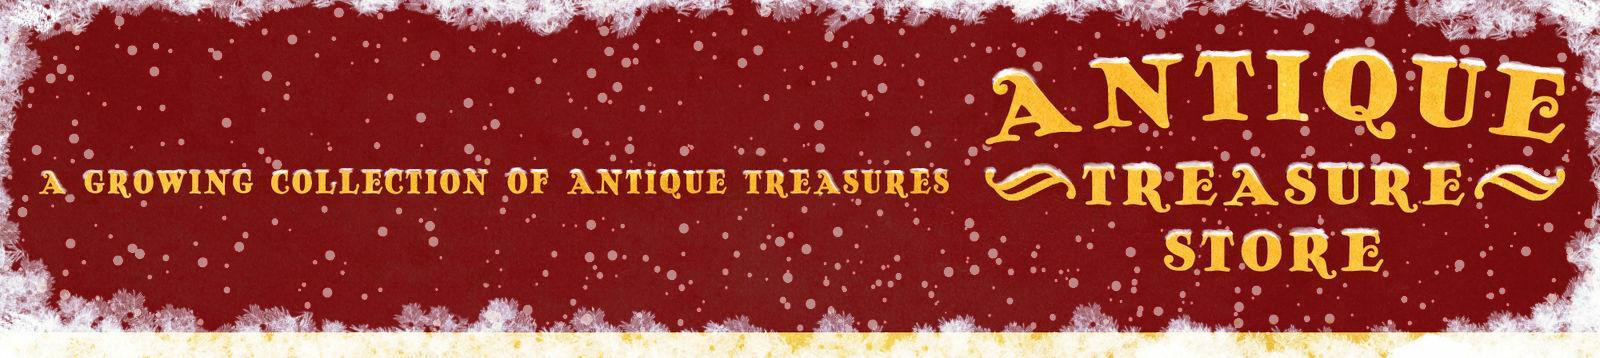 Antique Treasure Store